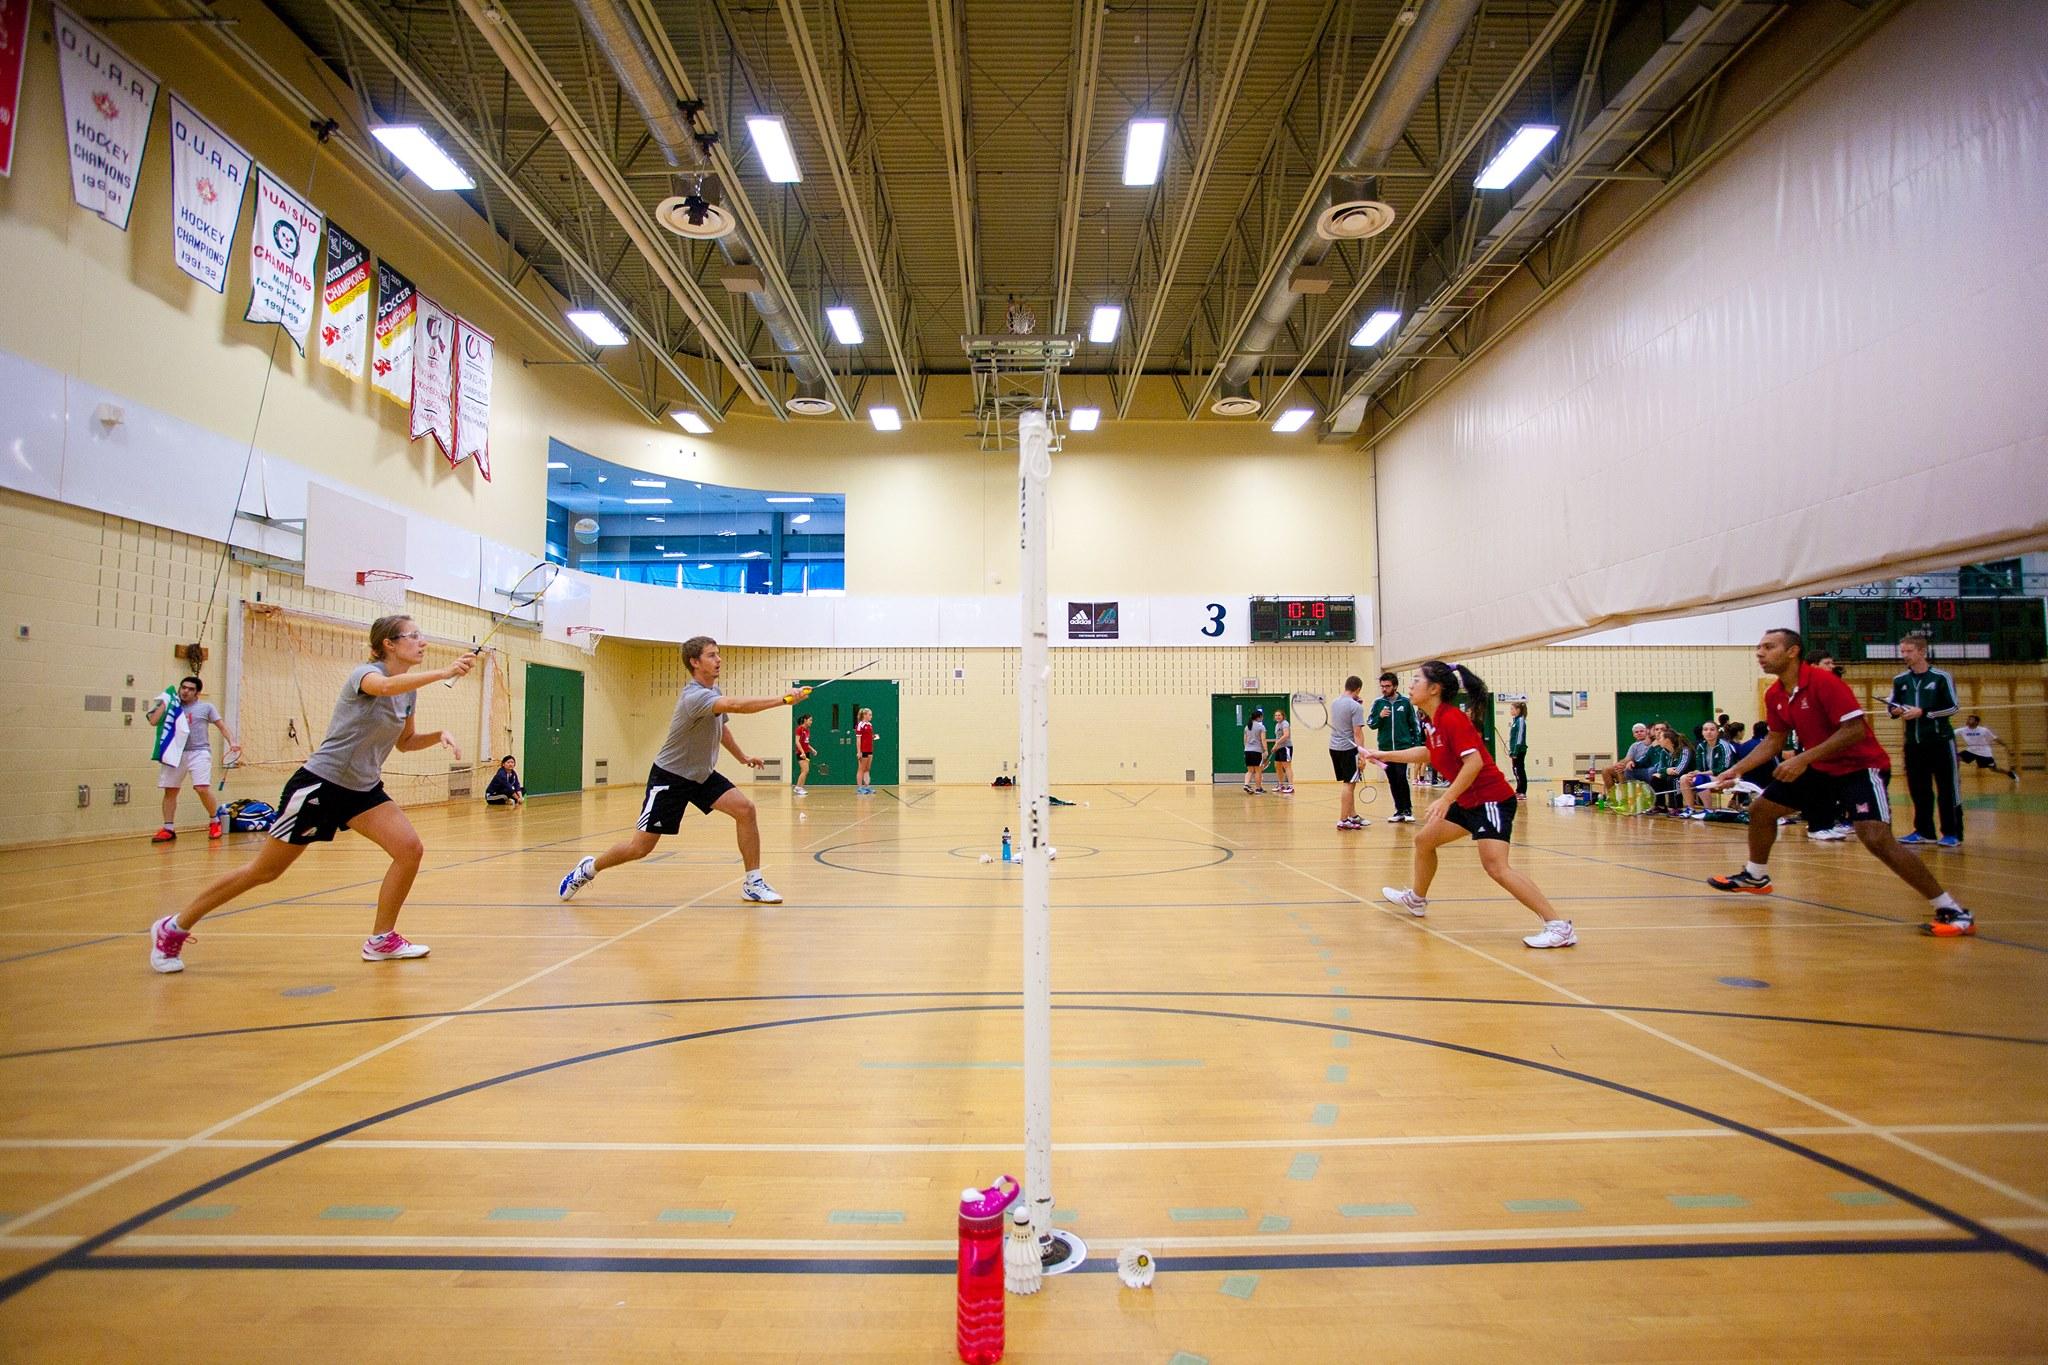 La saison de l'équipe de badminton ne produit pas les résultats escomptés. Par contre, ils auront d'autres matchs pour se reprendre. Photo: Patriotes